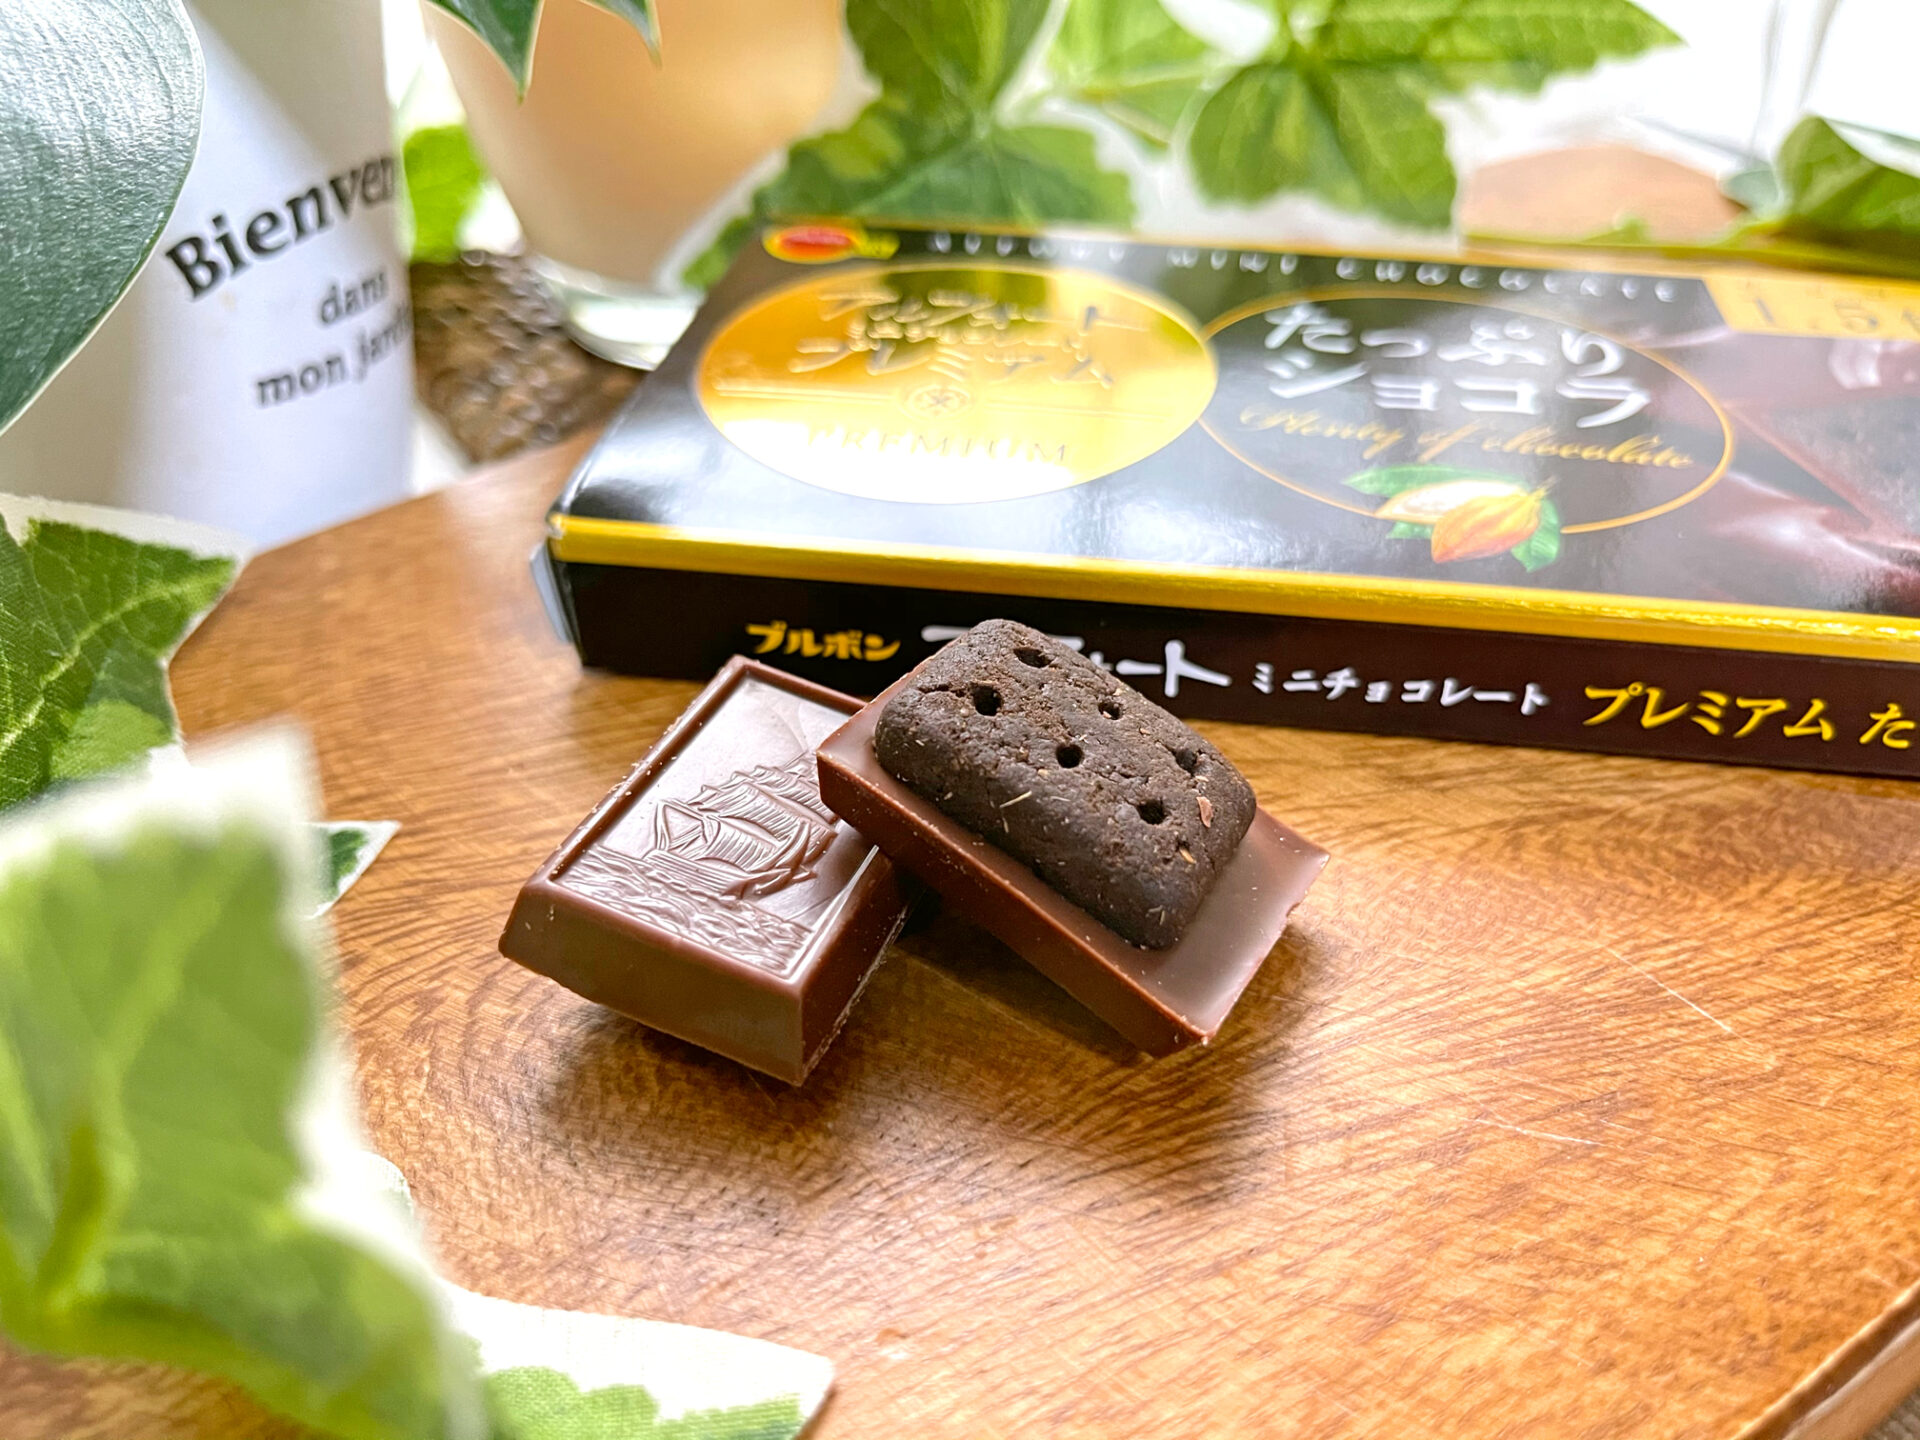 ブルボン『アルフォートミニチョコレートプレミアムたっぷりショコラ』